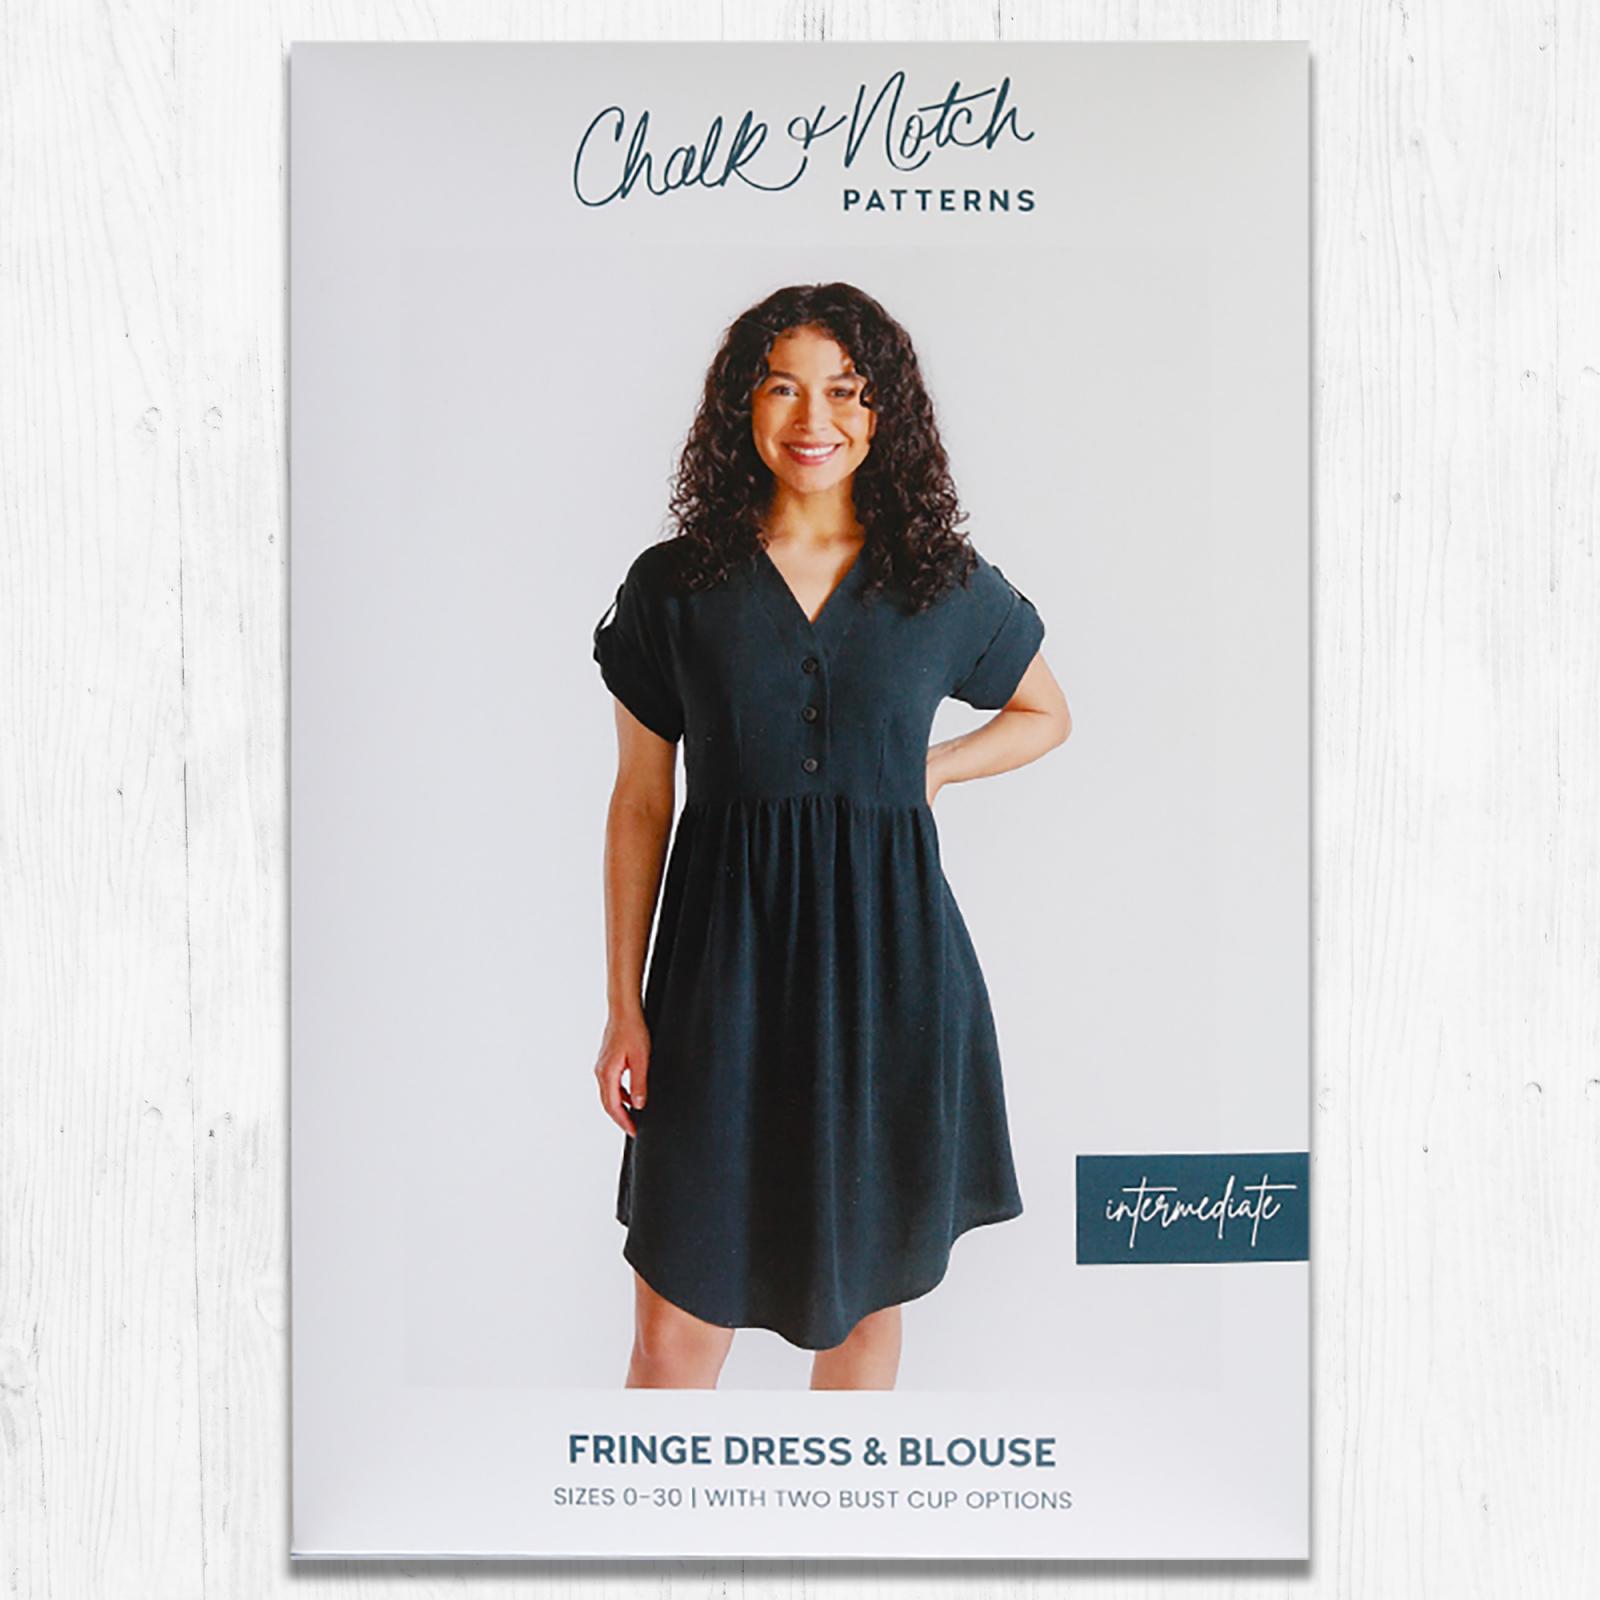 Chalk & Notch - Fringe Dress & Blouse